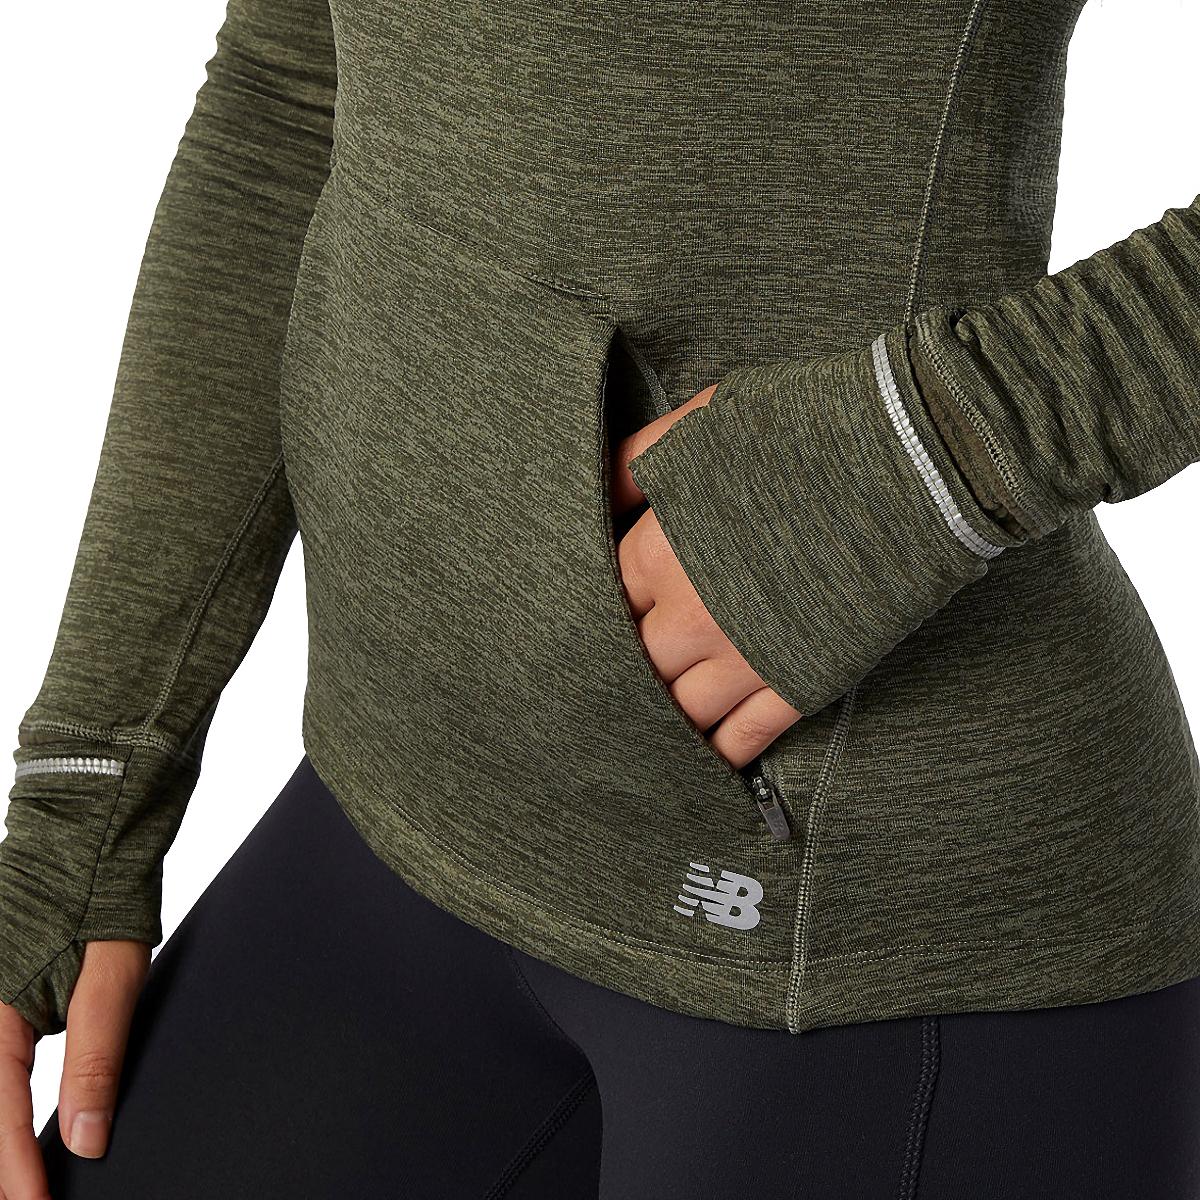 Women's New Balance Heat Grid Hoodie - Color: Oak Green - Size: XS, Oak Green, large, image 4